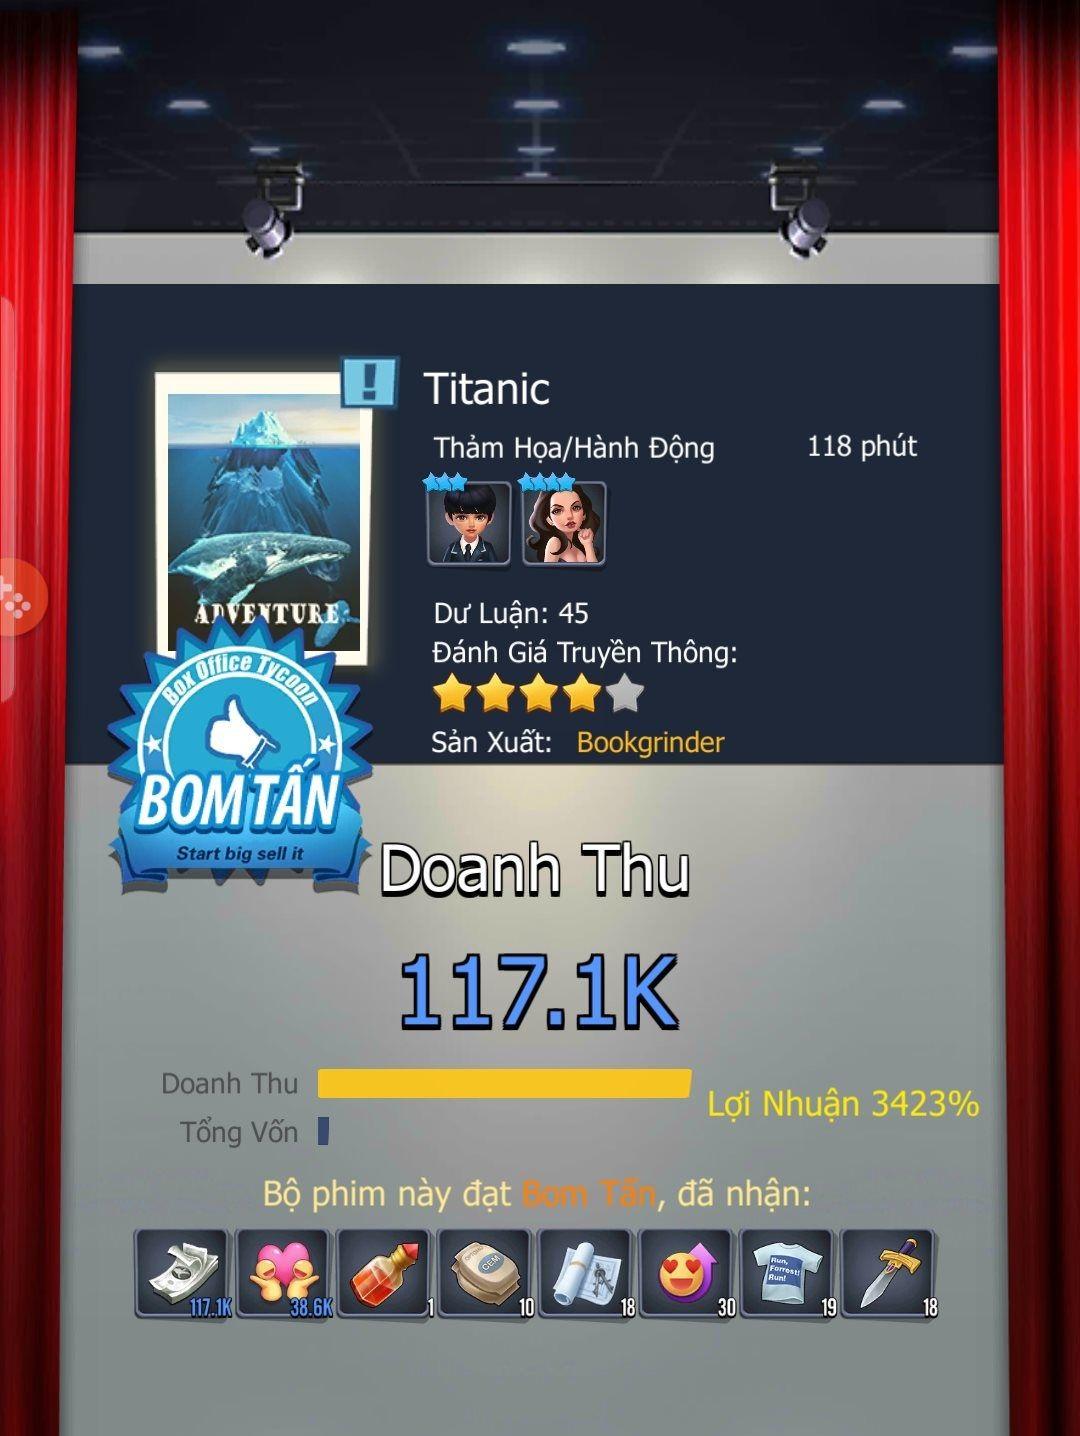 3 cách kiếm tiền làm giàu nhanh nhất trong game 360mobi Cinema (2)